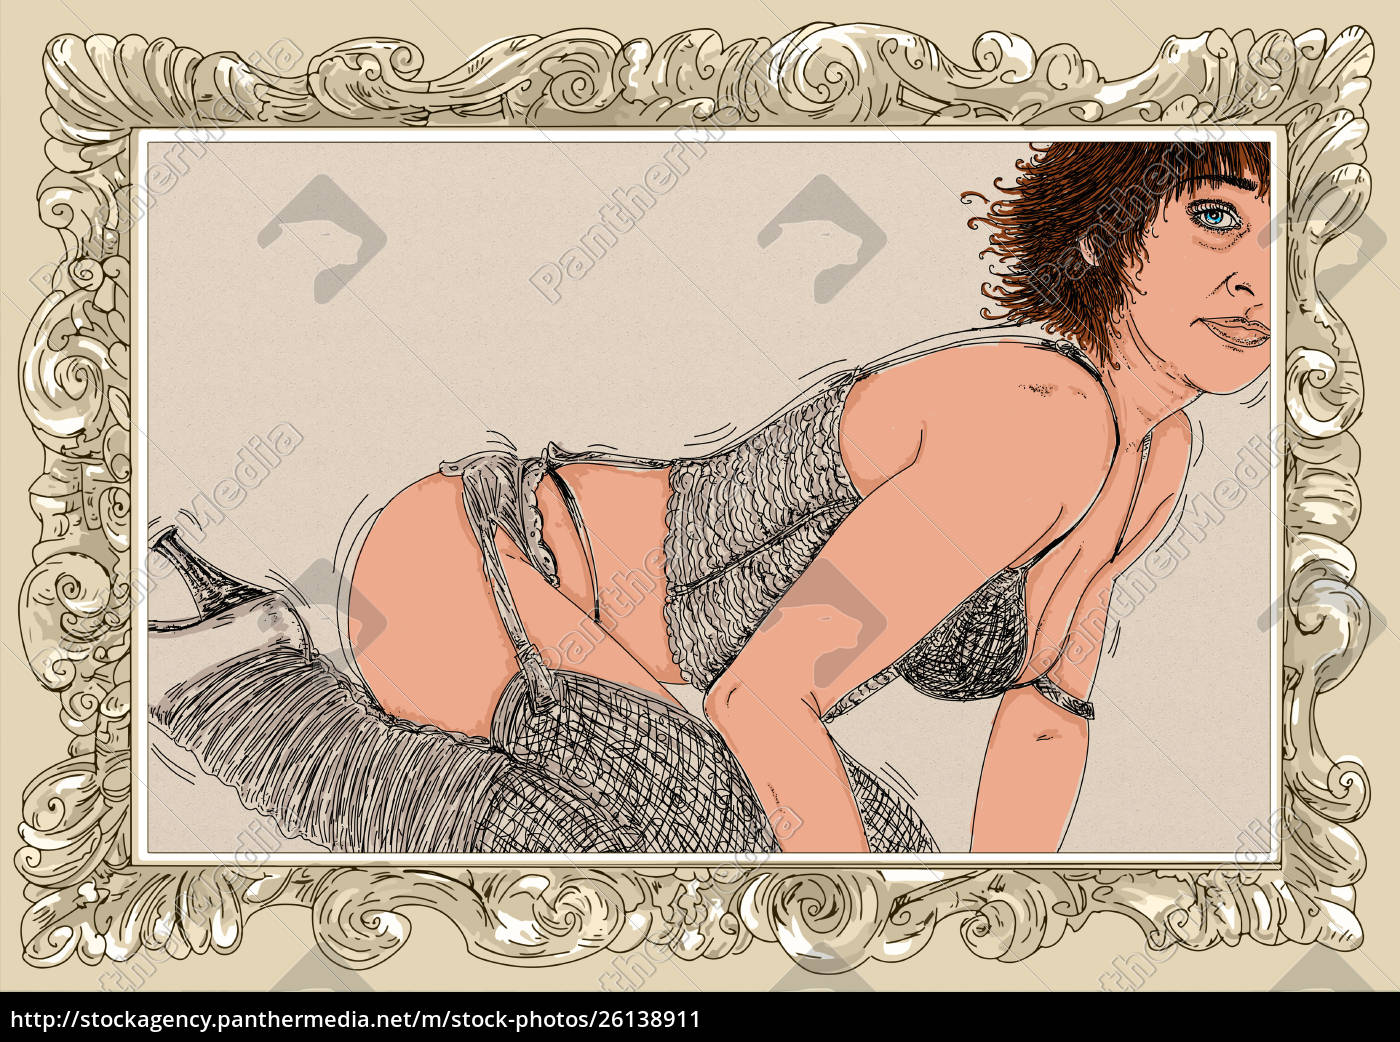 kvinde, erotisk, raffineret, og, sensuel, linje, designet - 26138911